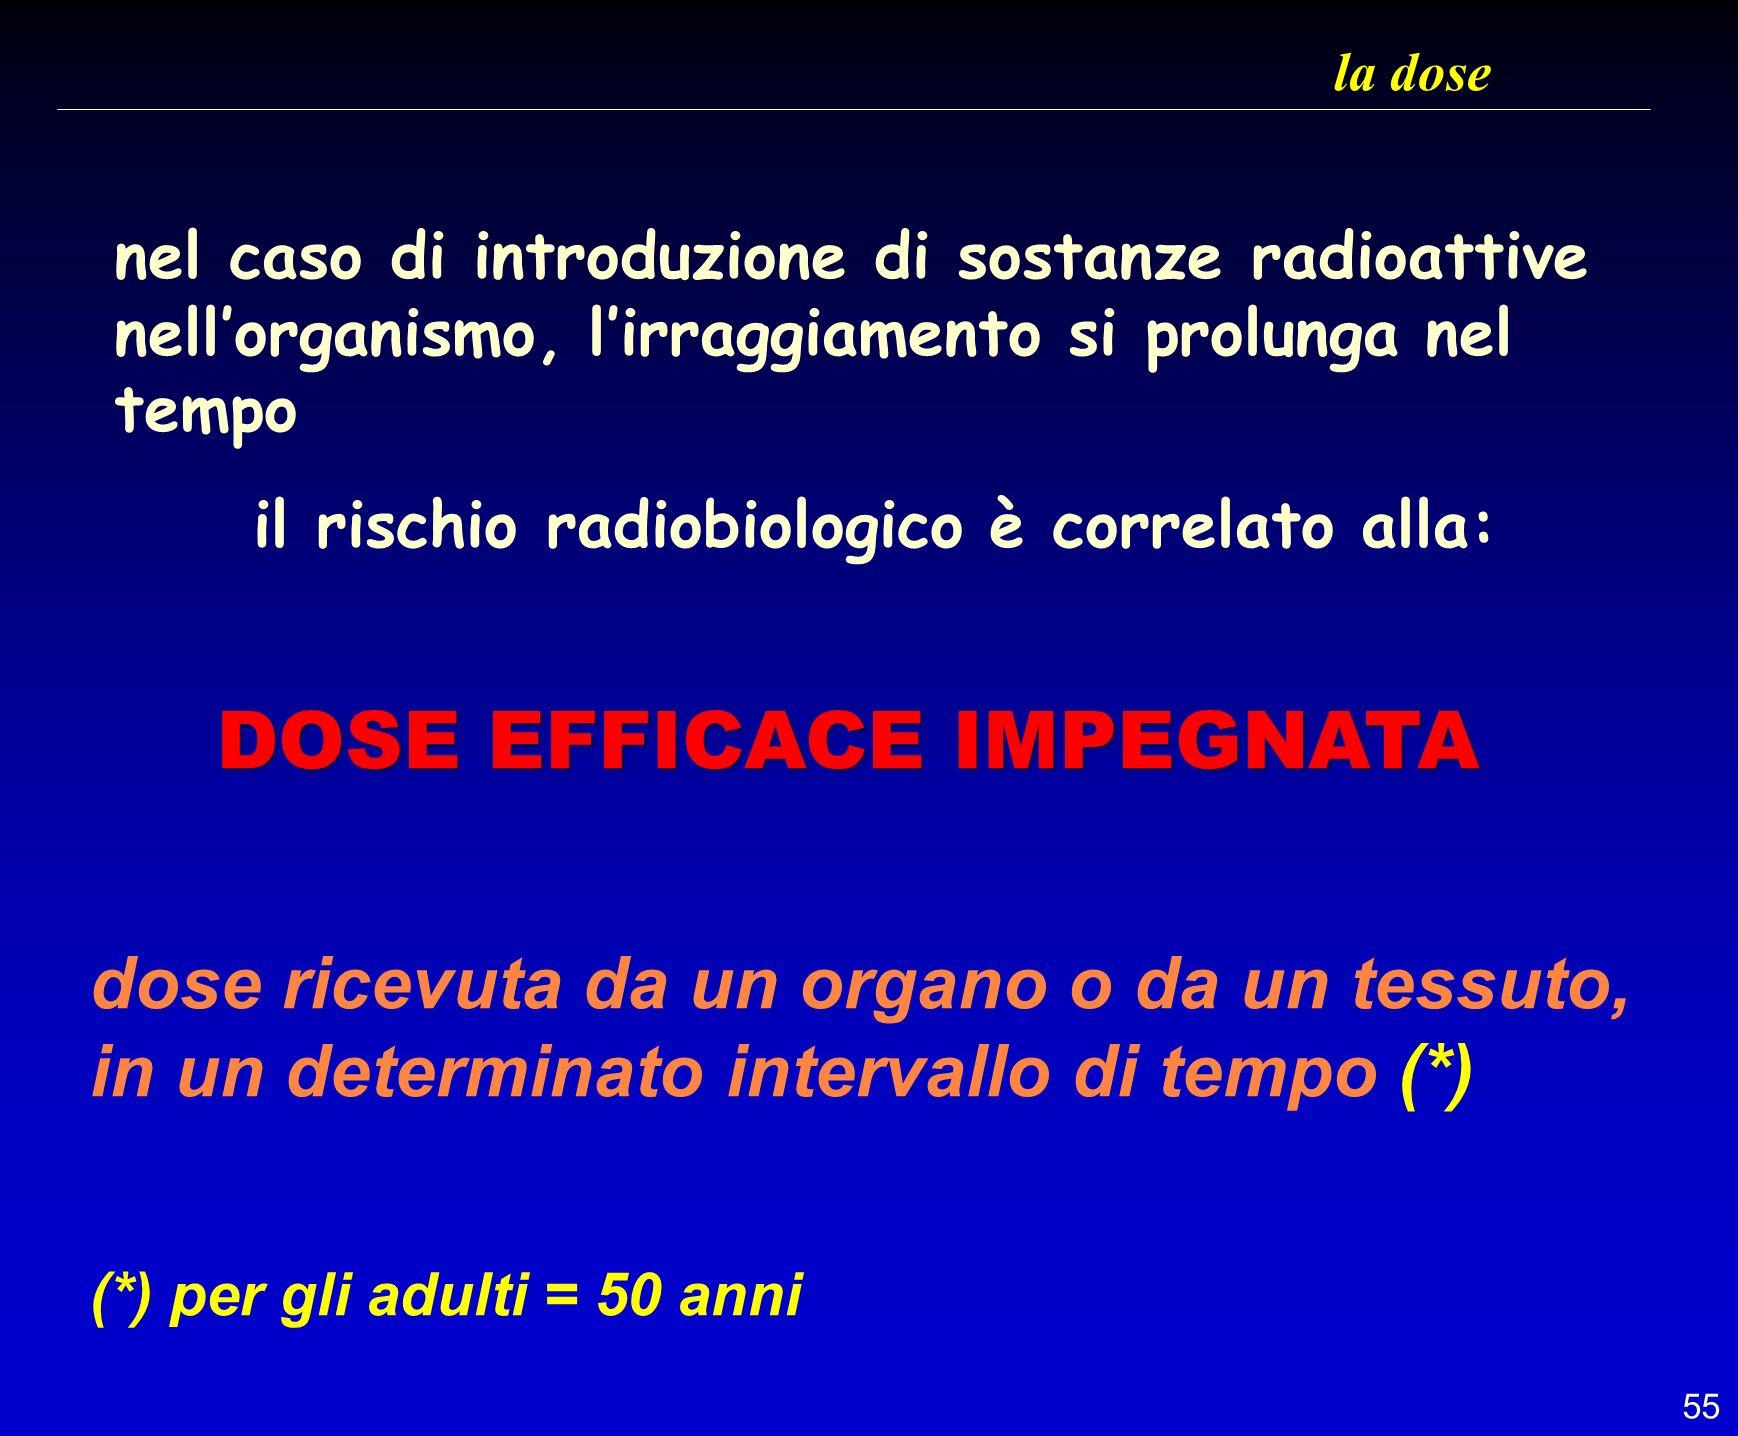 55 la dose nel caso di introduzione di sostanze radioattive nellorganismo, lirraggiamento si prolunga nel tempo il rischio radiobiologico è correlato